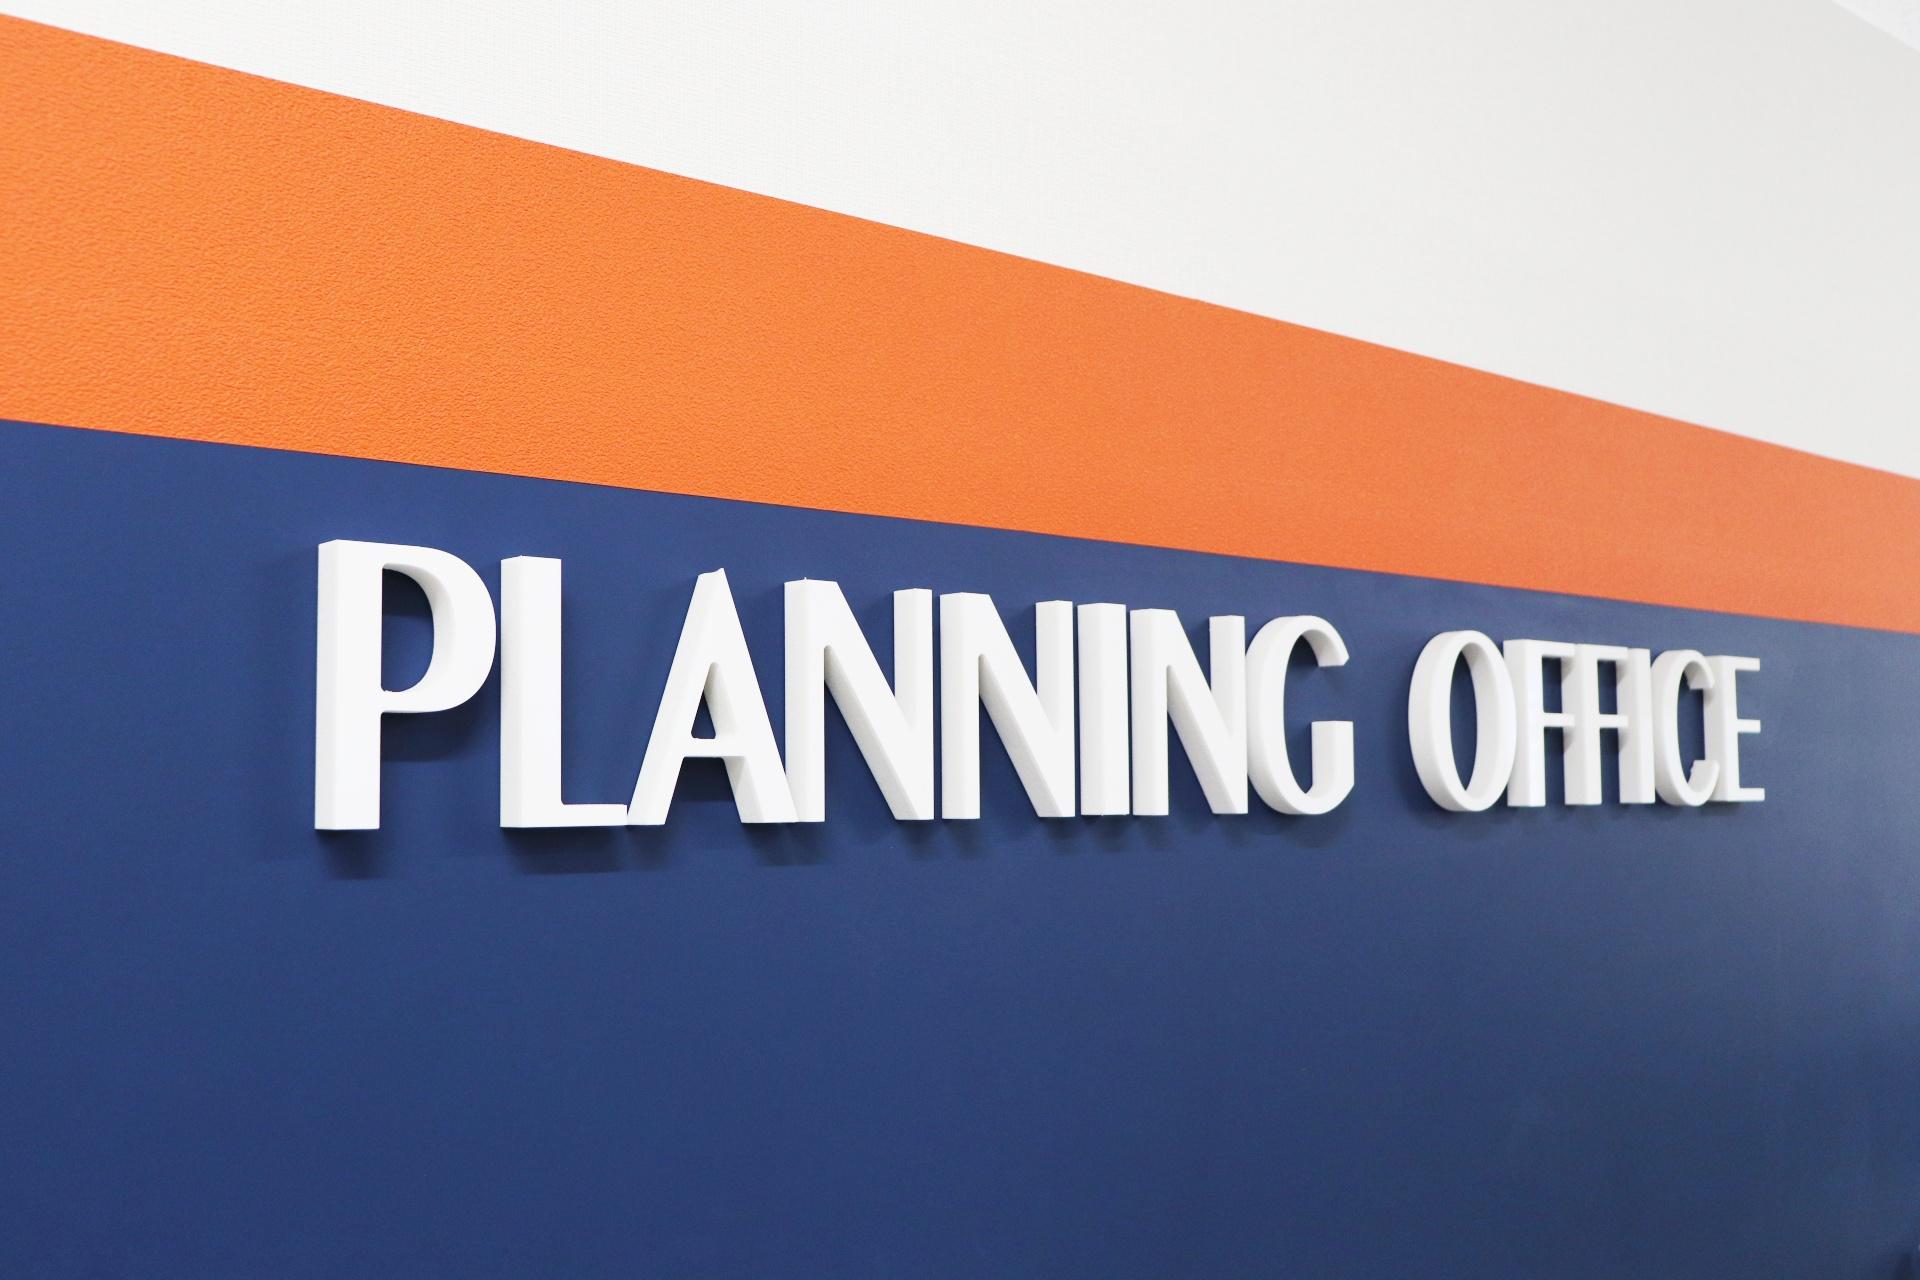 株式会社プランニングオフィス